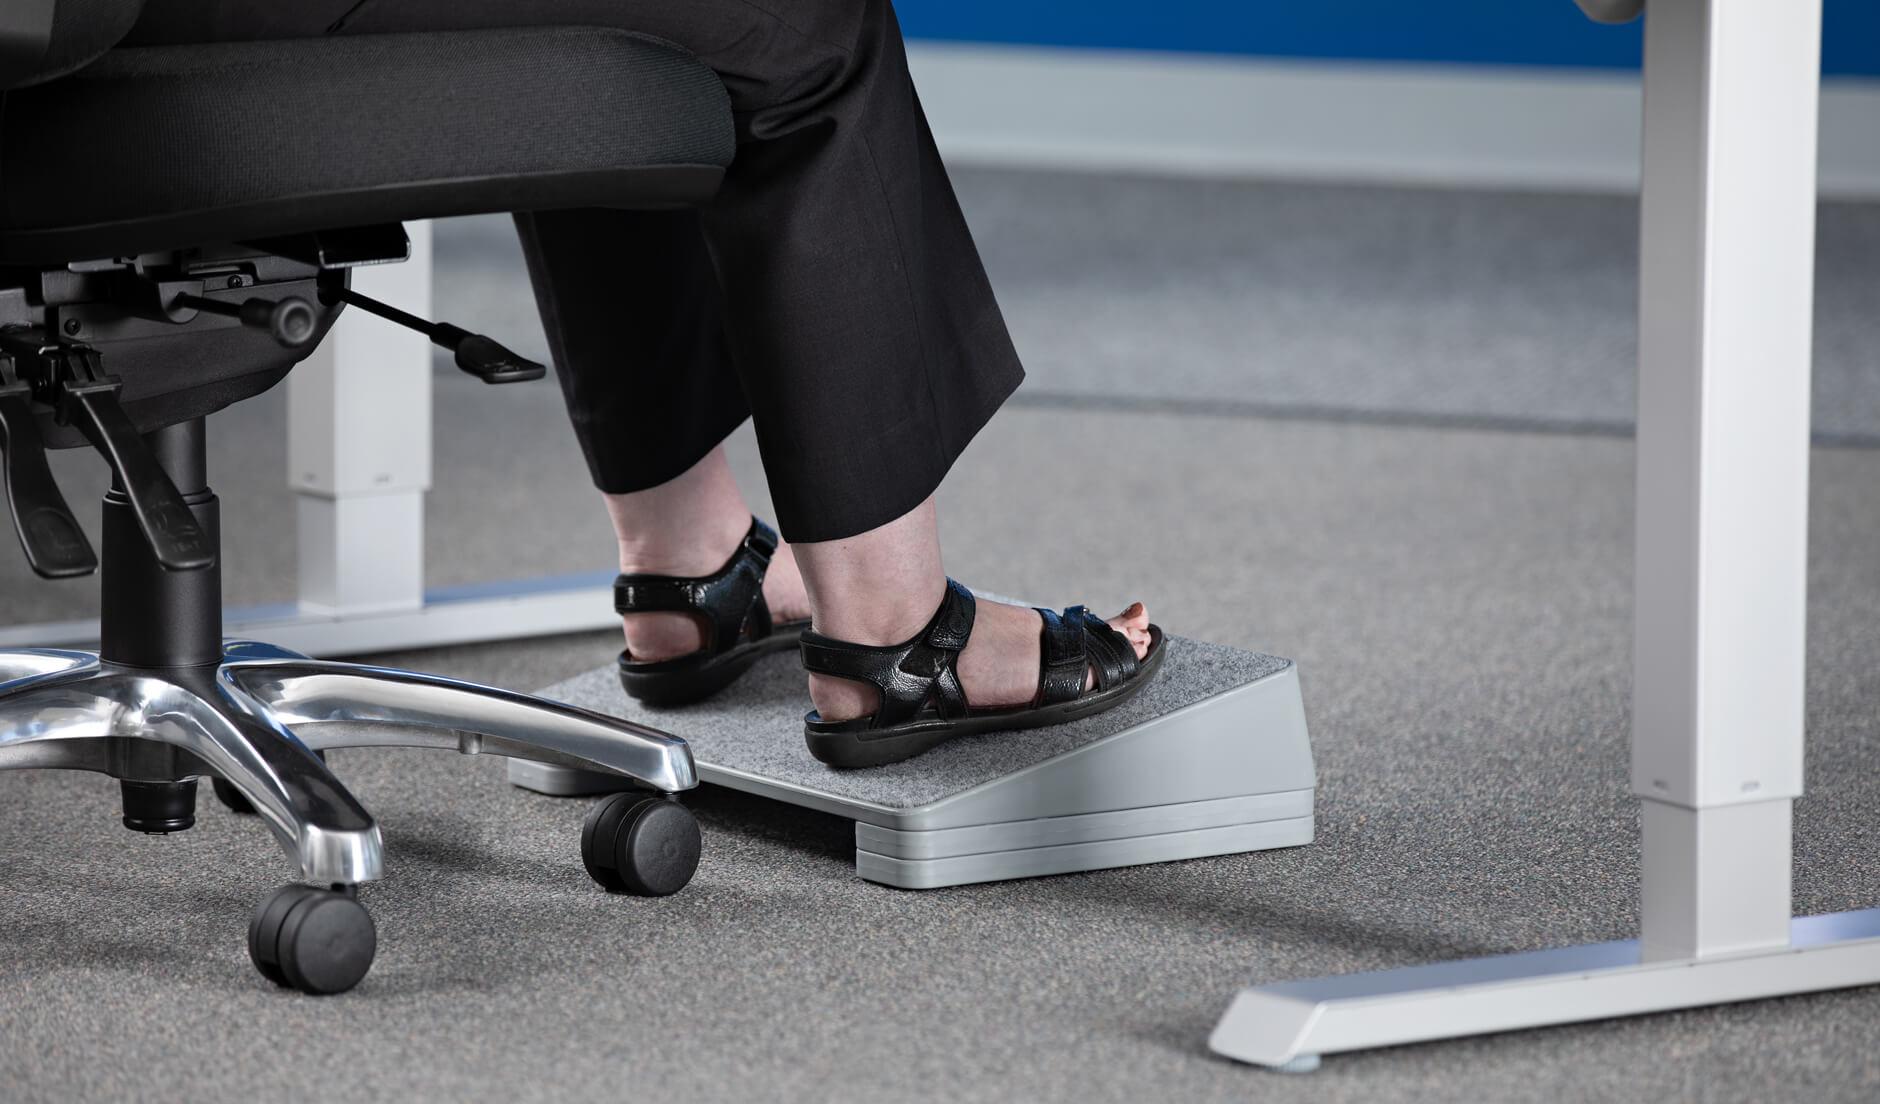 Poggiapiedi ergonomico